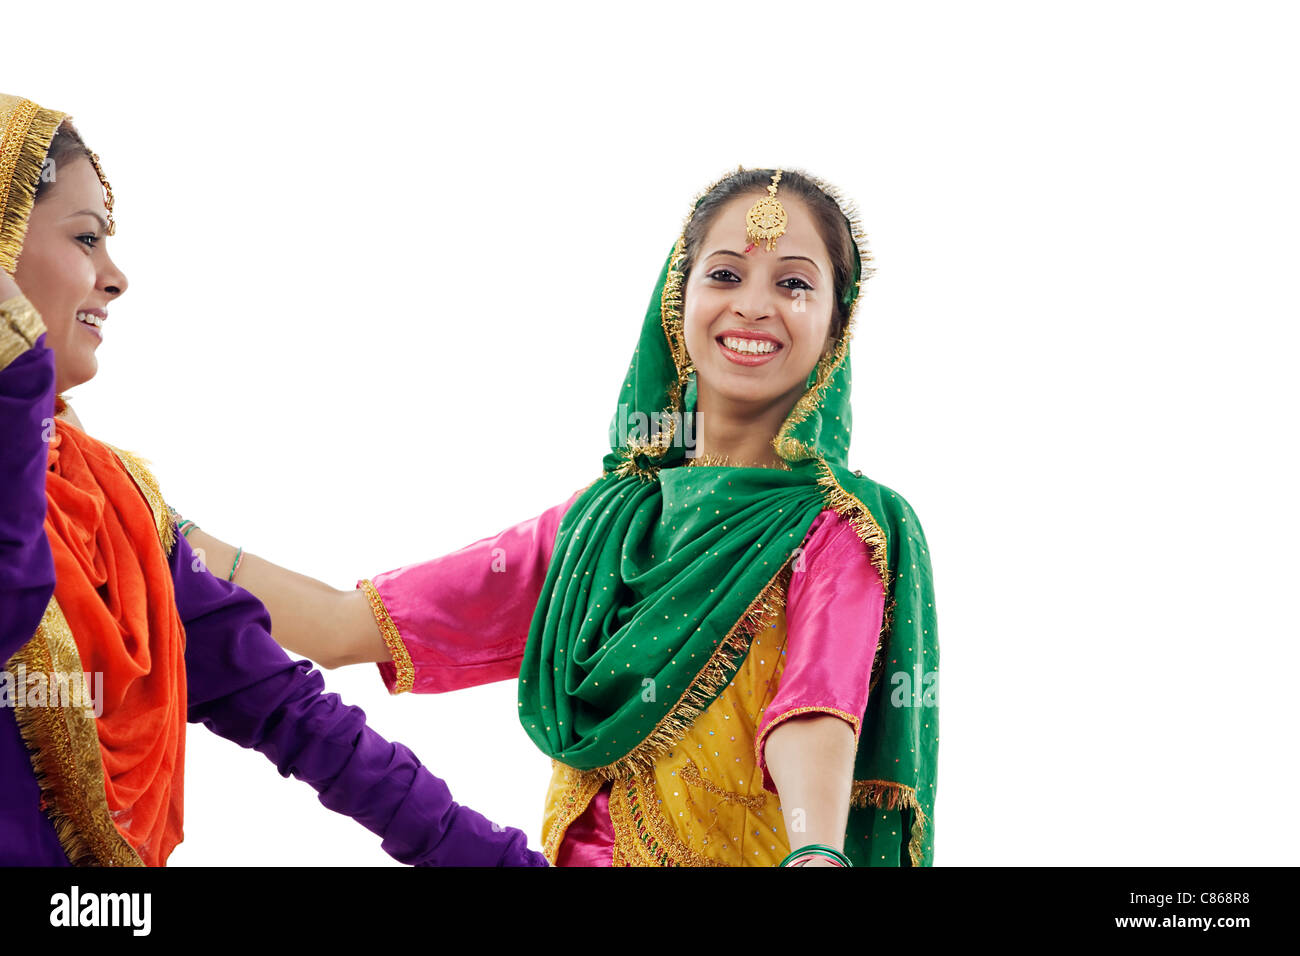 La religione sikh donne che danzano Foto Stock